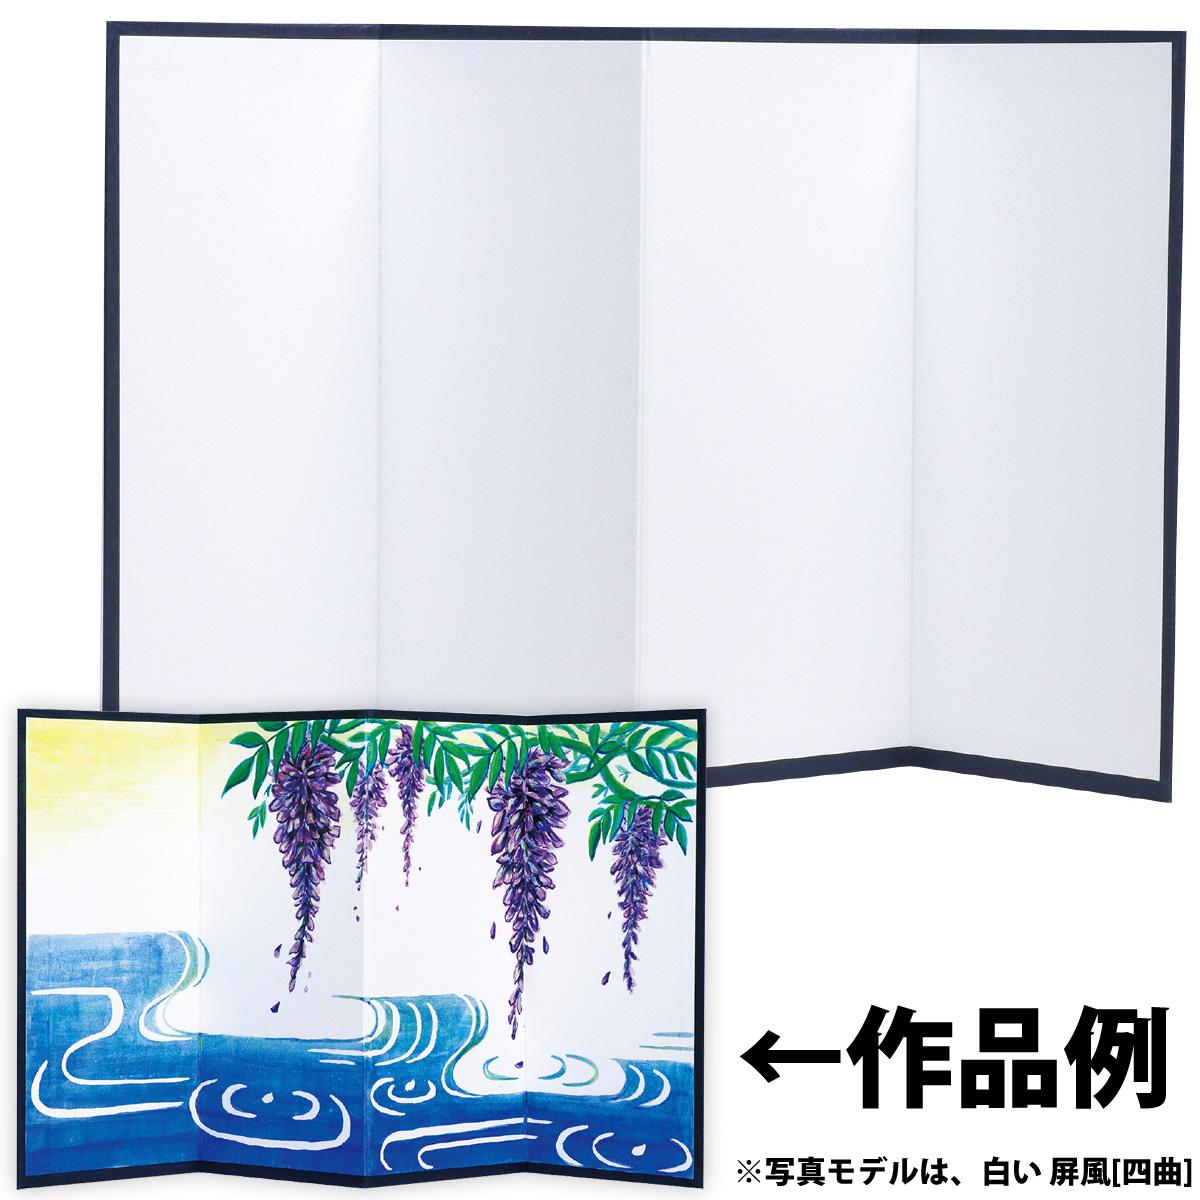 白い 屏風[六曲] びょうぶ 画材 美術 図工 工作 作品 絵